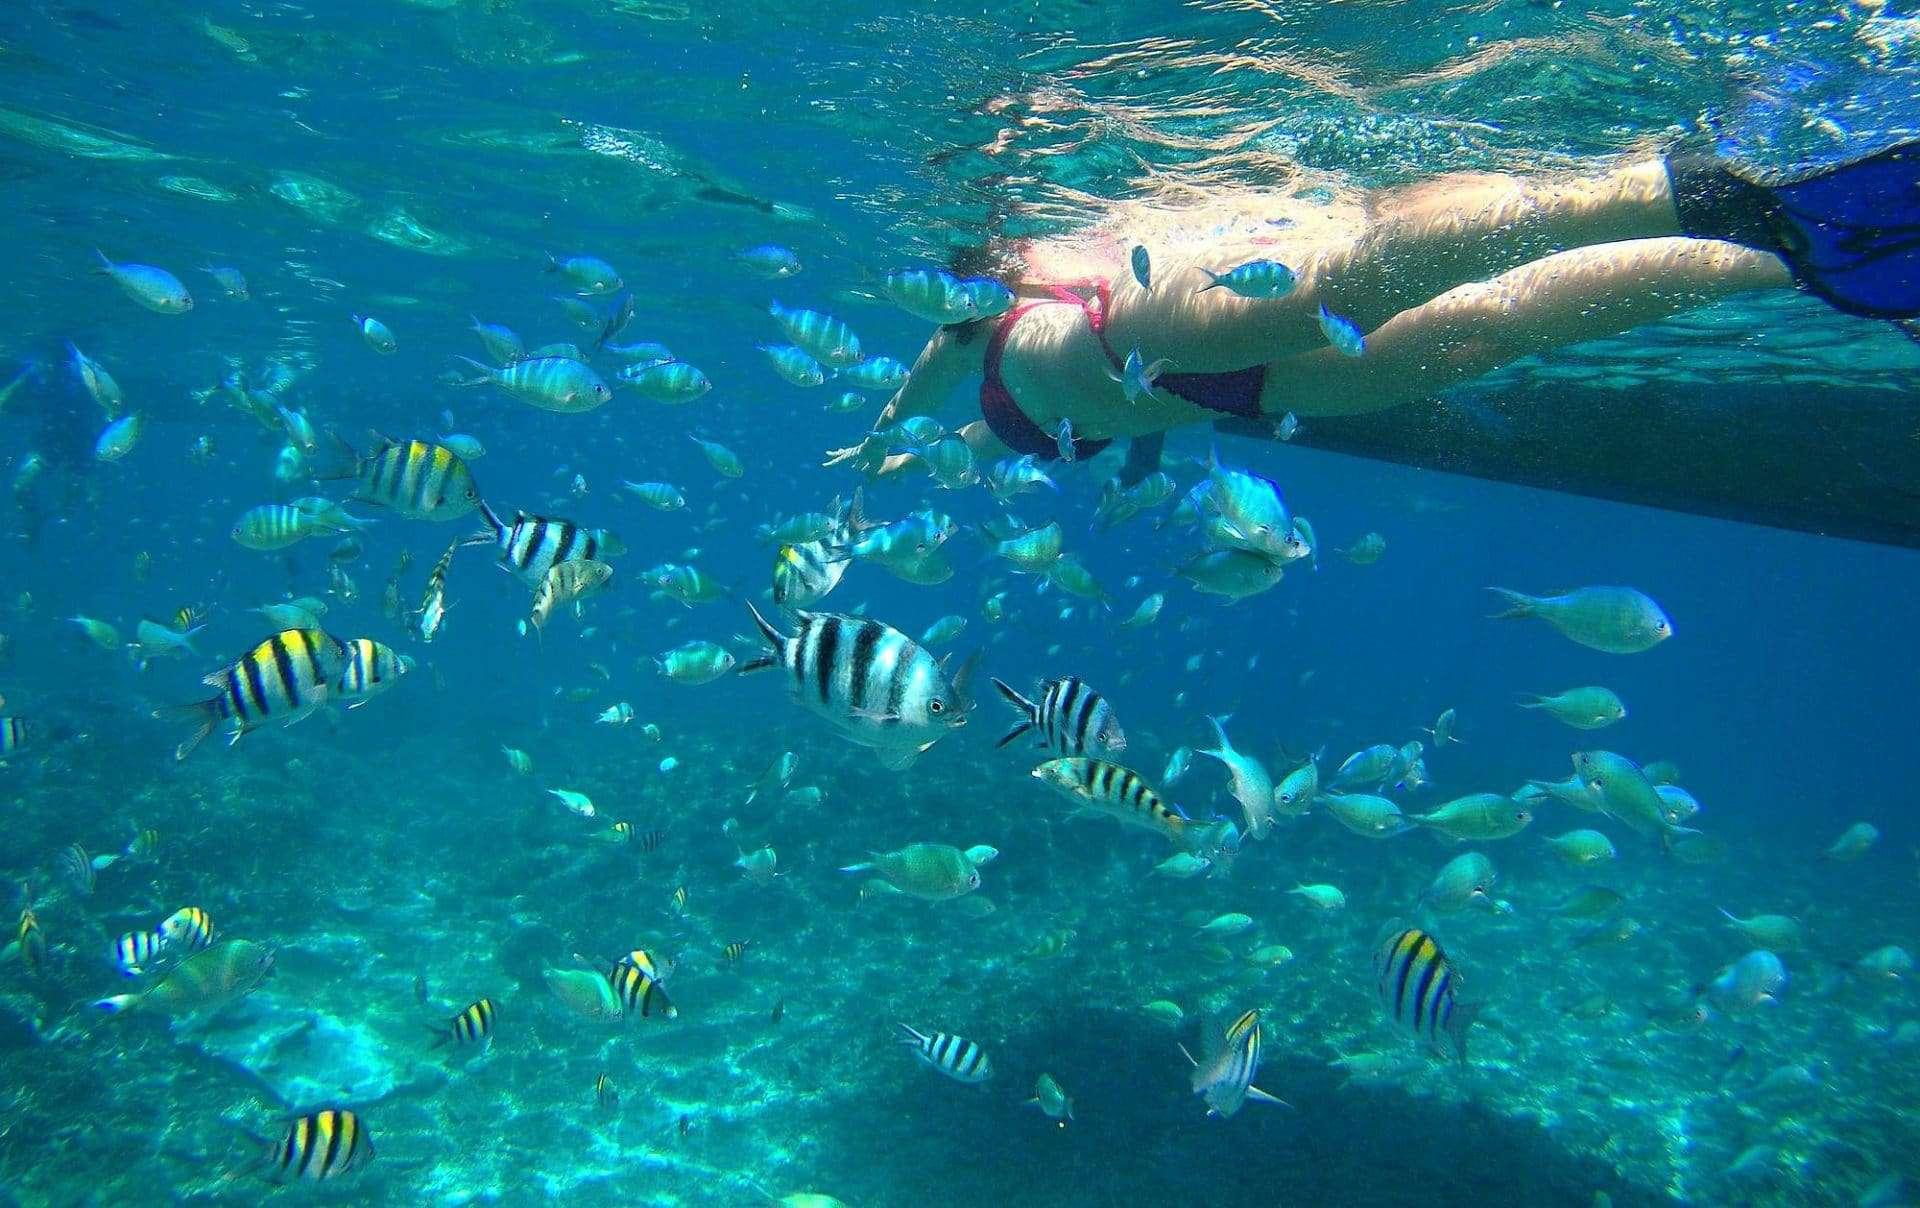 Snorkeling alle isole Gili tra fondali corallini, pesci tropicali e tartarughe marine